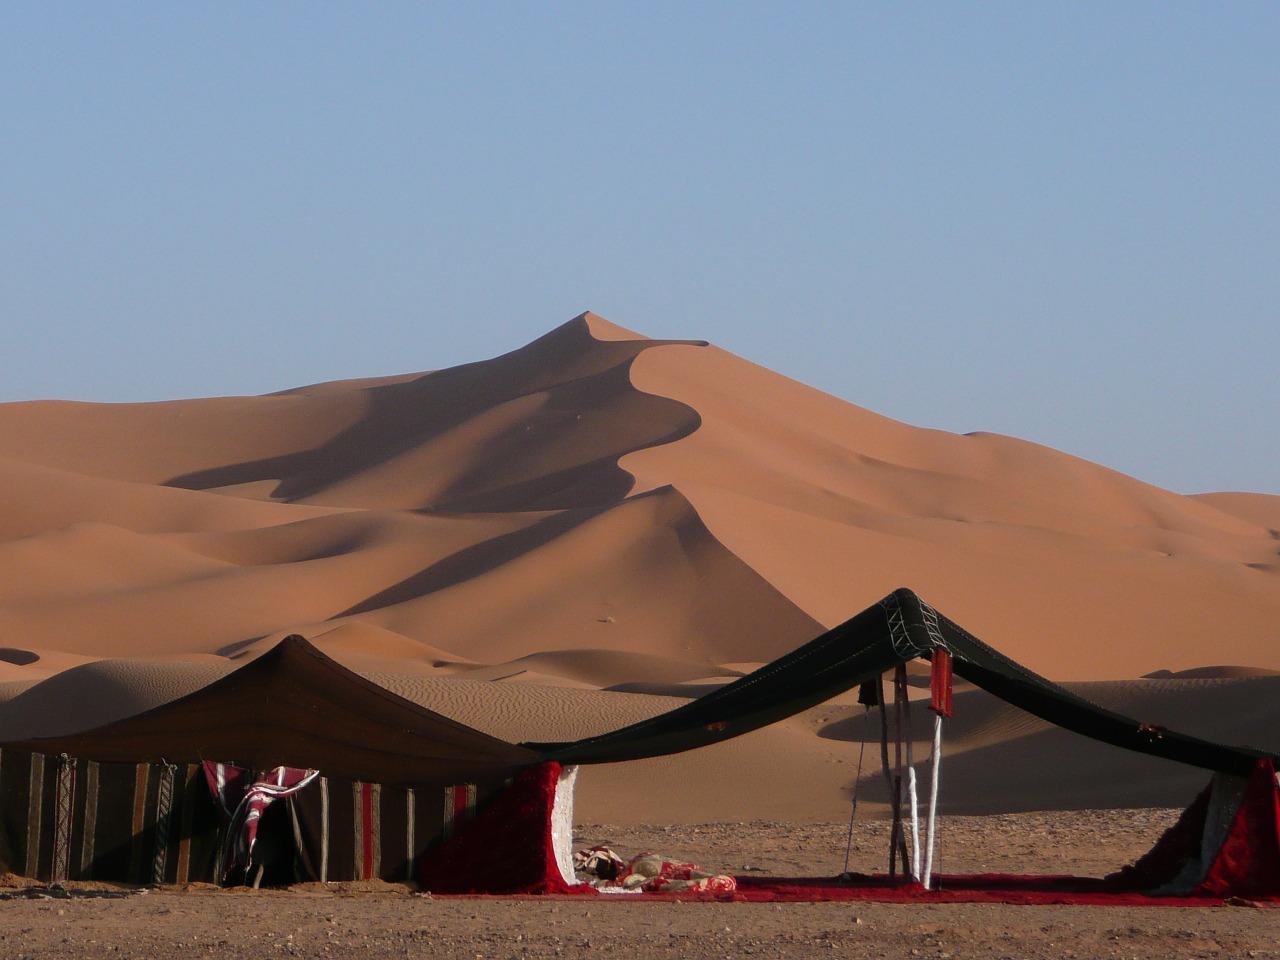 desert camp_tent_PD